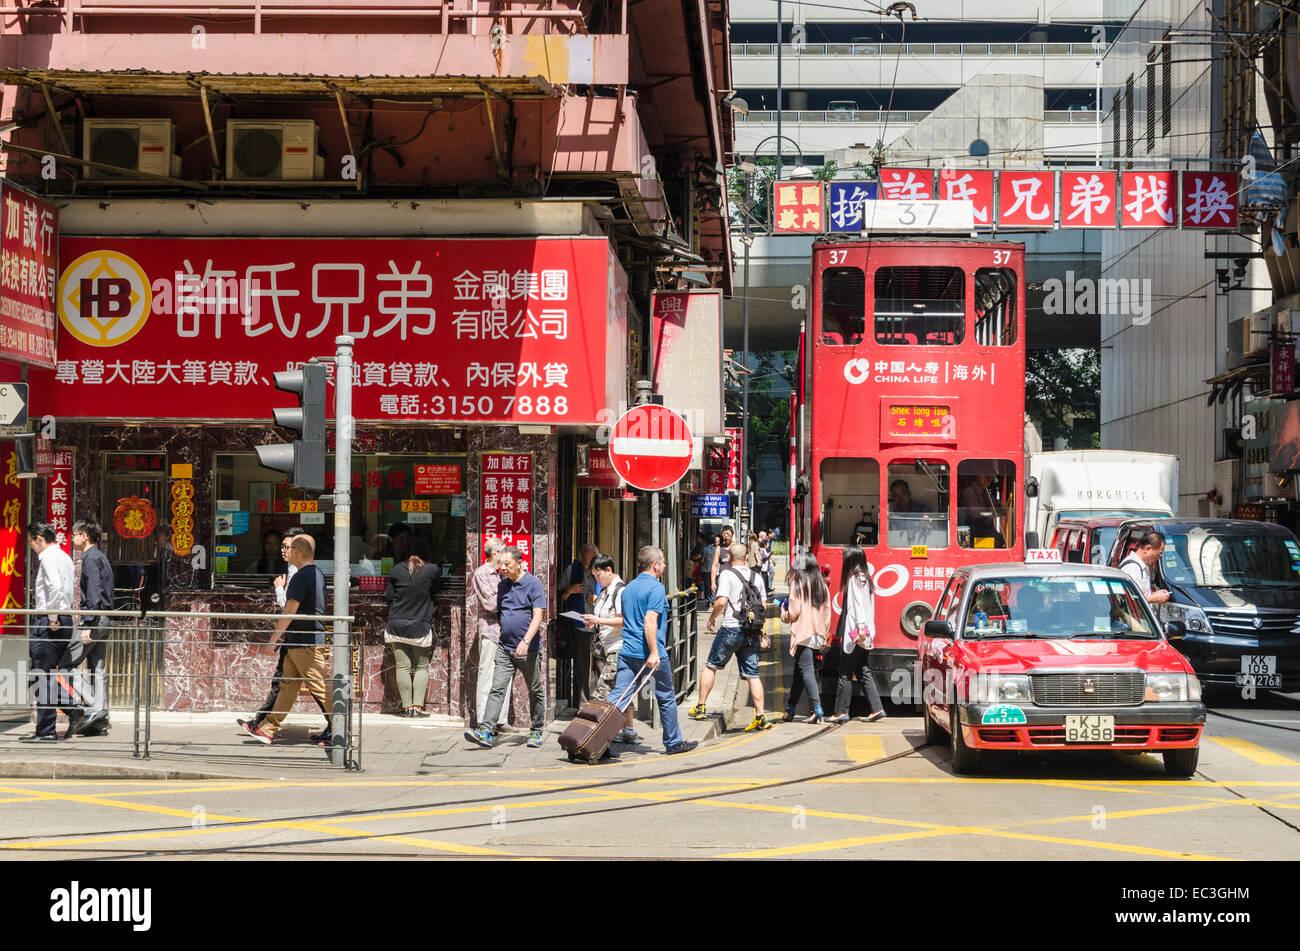 Occupato Isola di Hong Kong con scene di strada in Sheung Wan, Hong Kong, Cina Immagini Stock